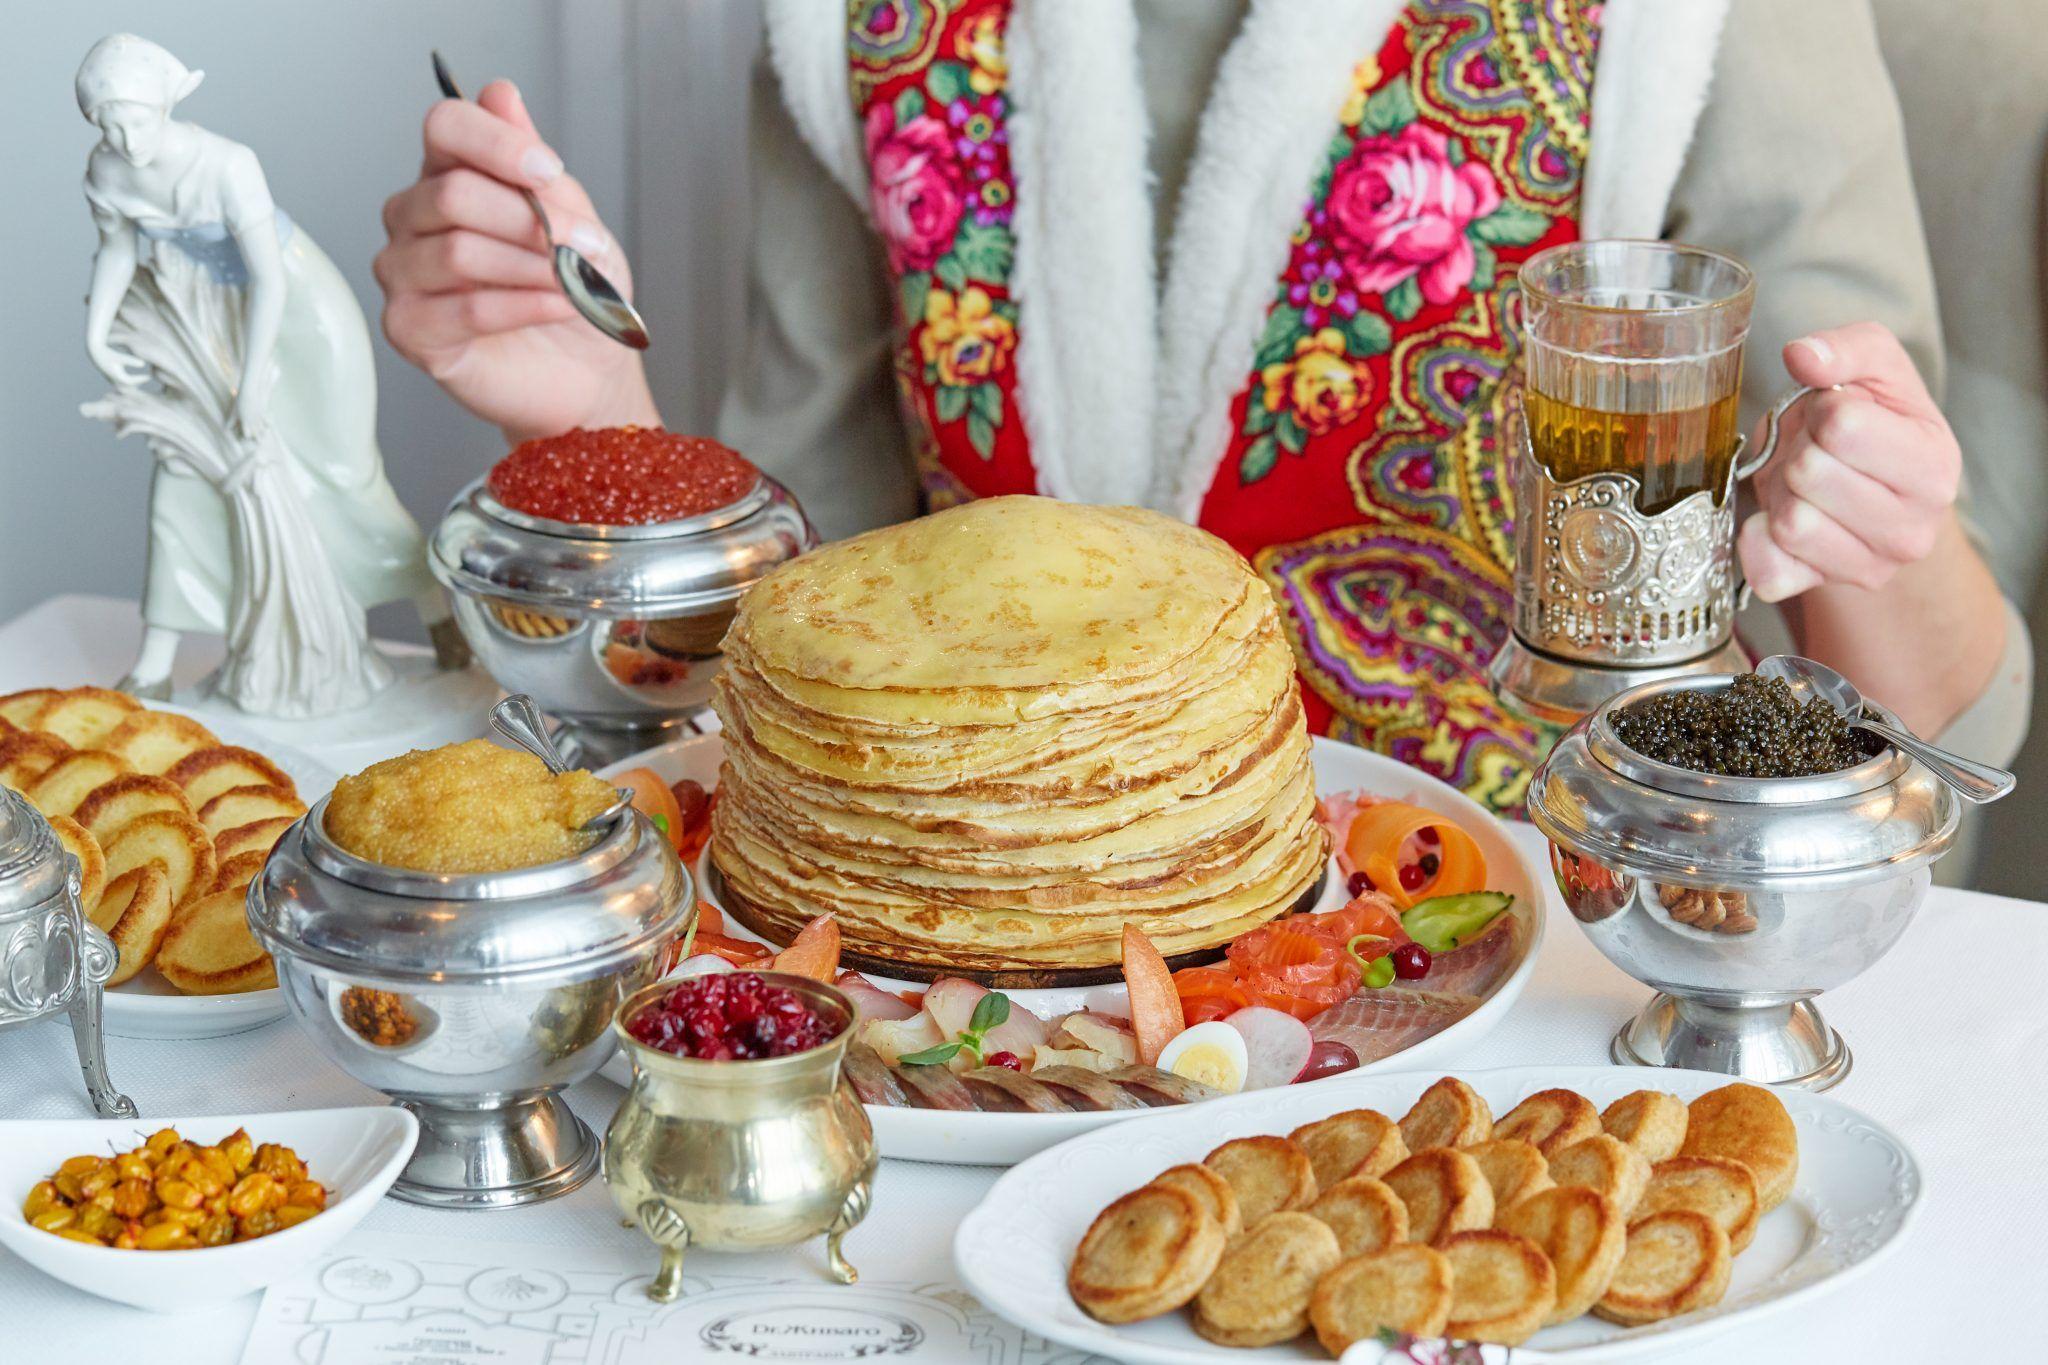 Американцам не понять: топ-7 самых странных русских традиций